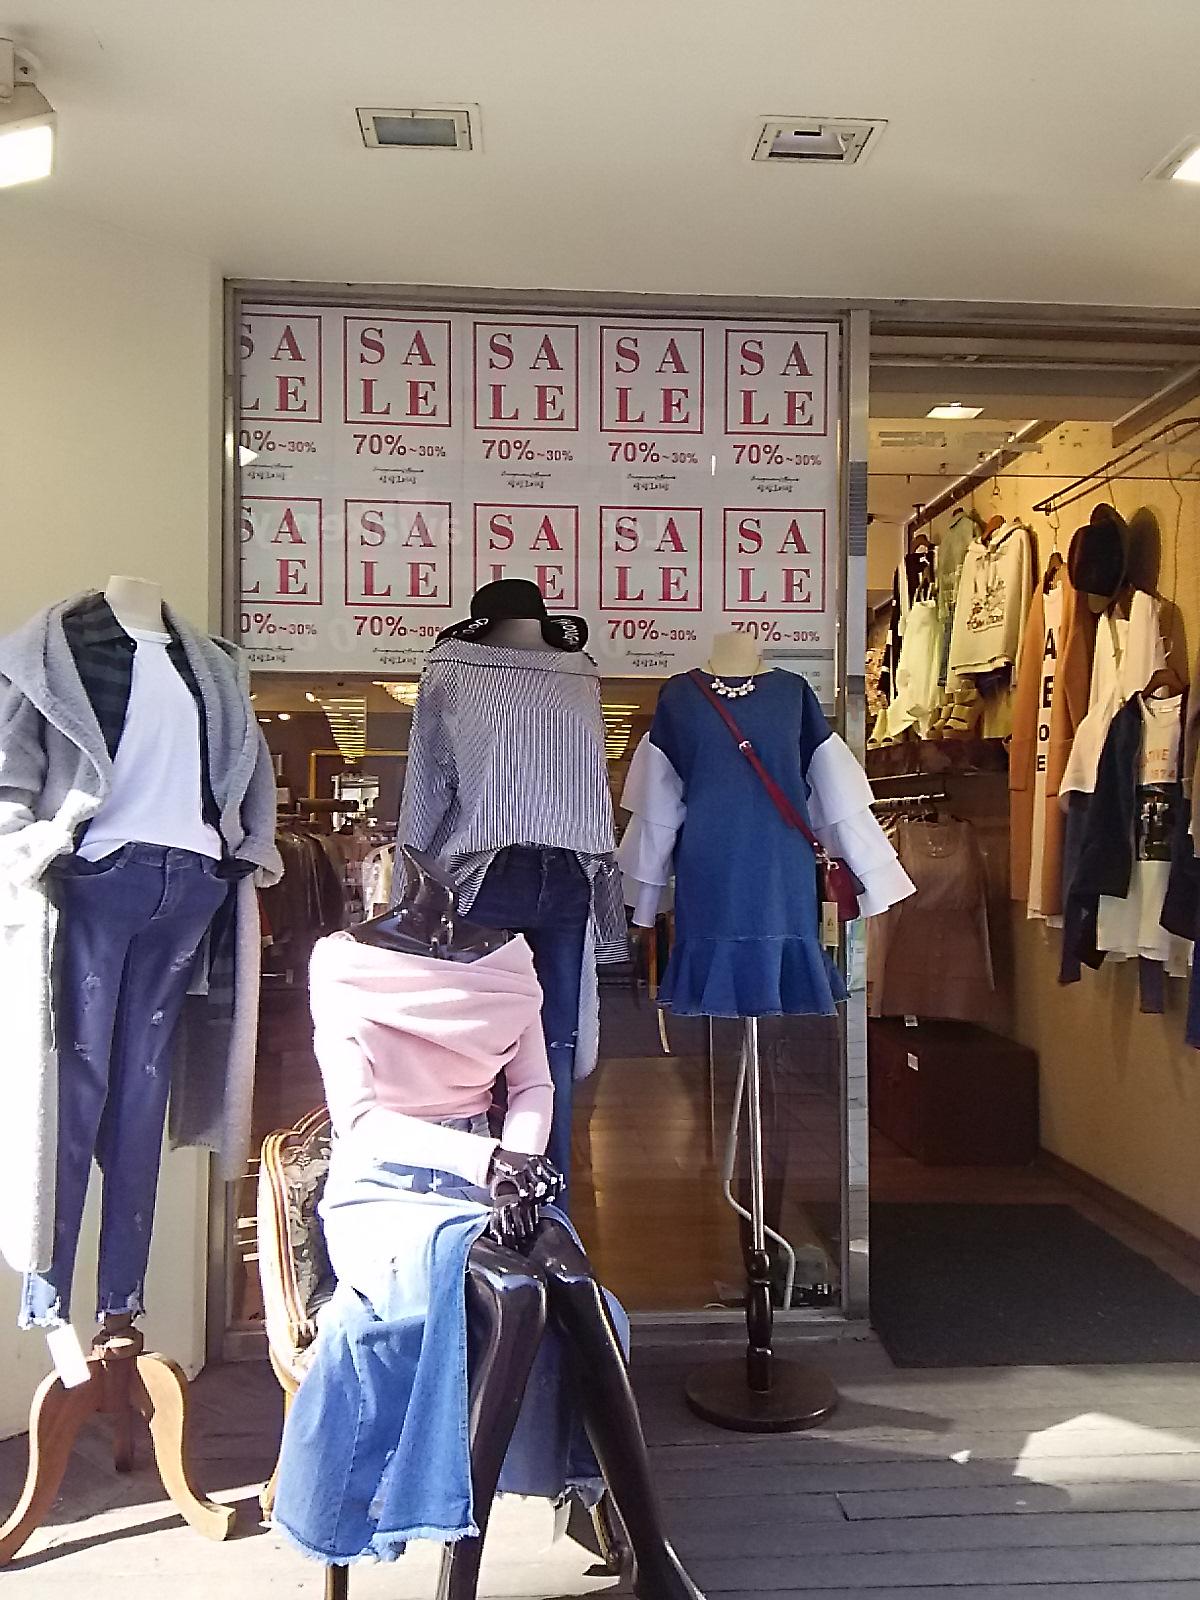 誠信女大入口の激安店2900ウォン...